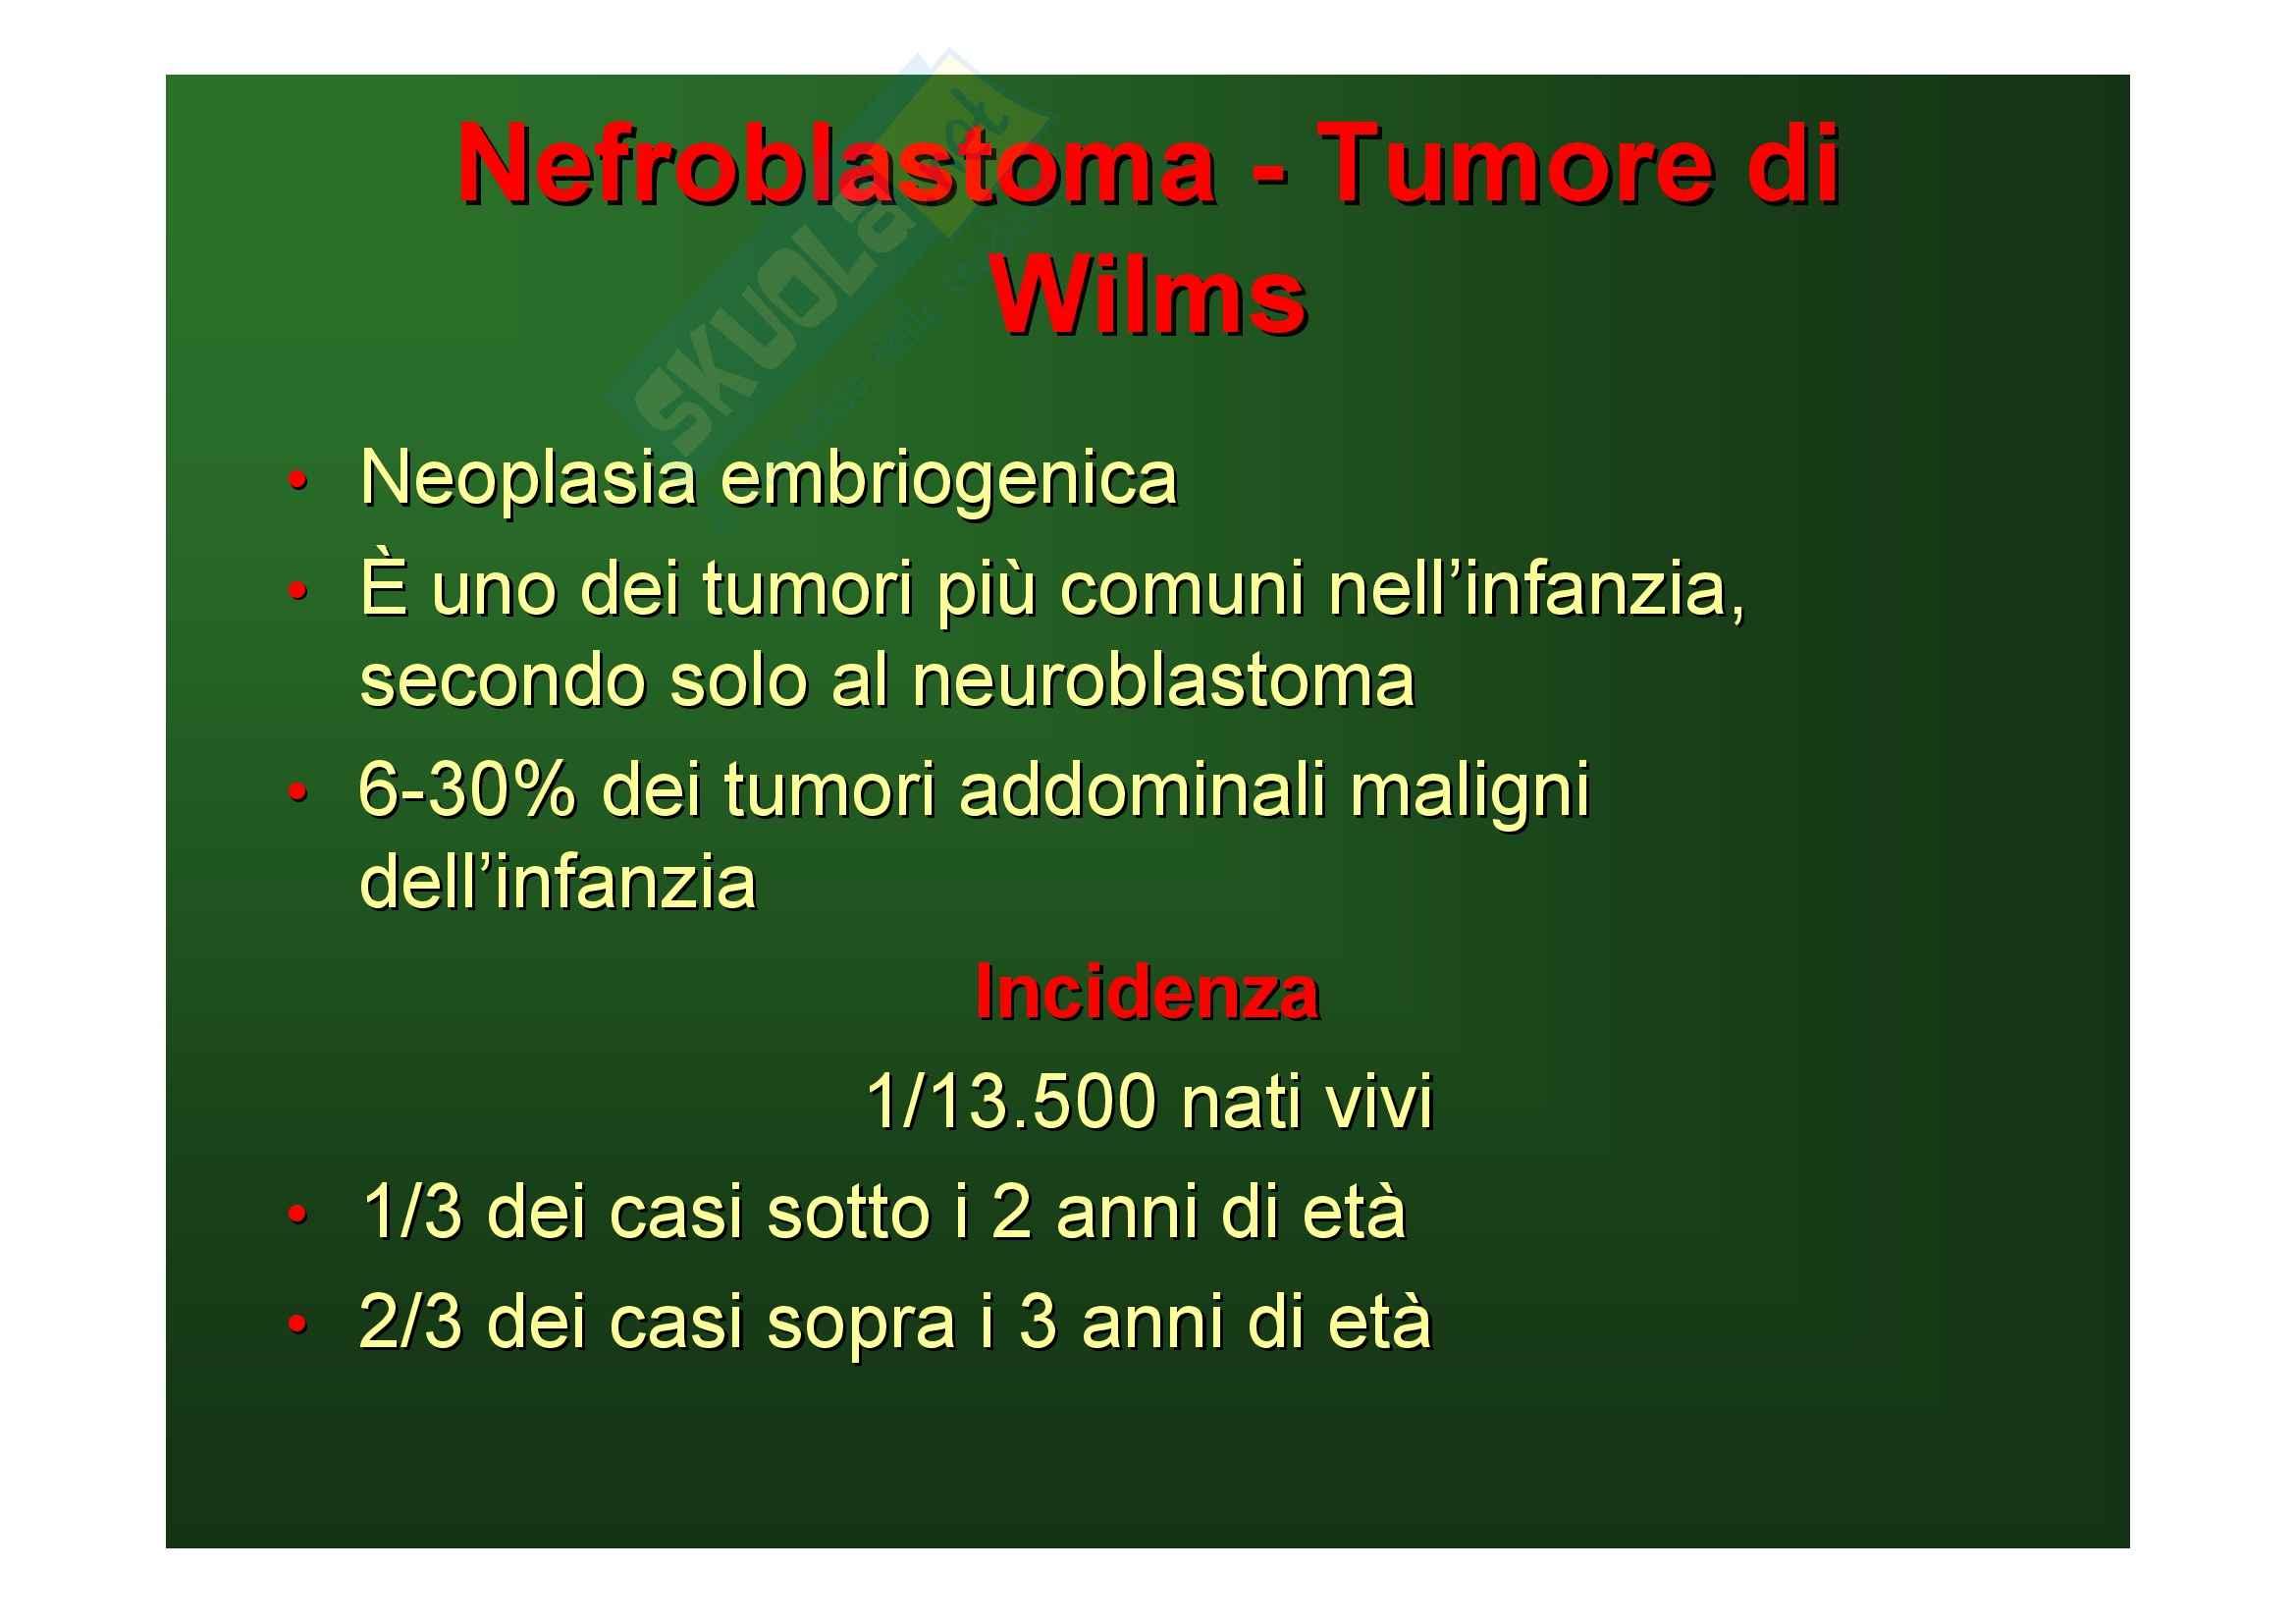 Malattie del rene e delle vie urinarie - tumori del rene Pag. 46